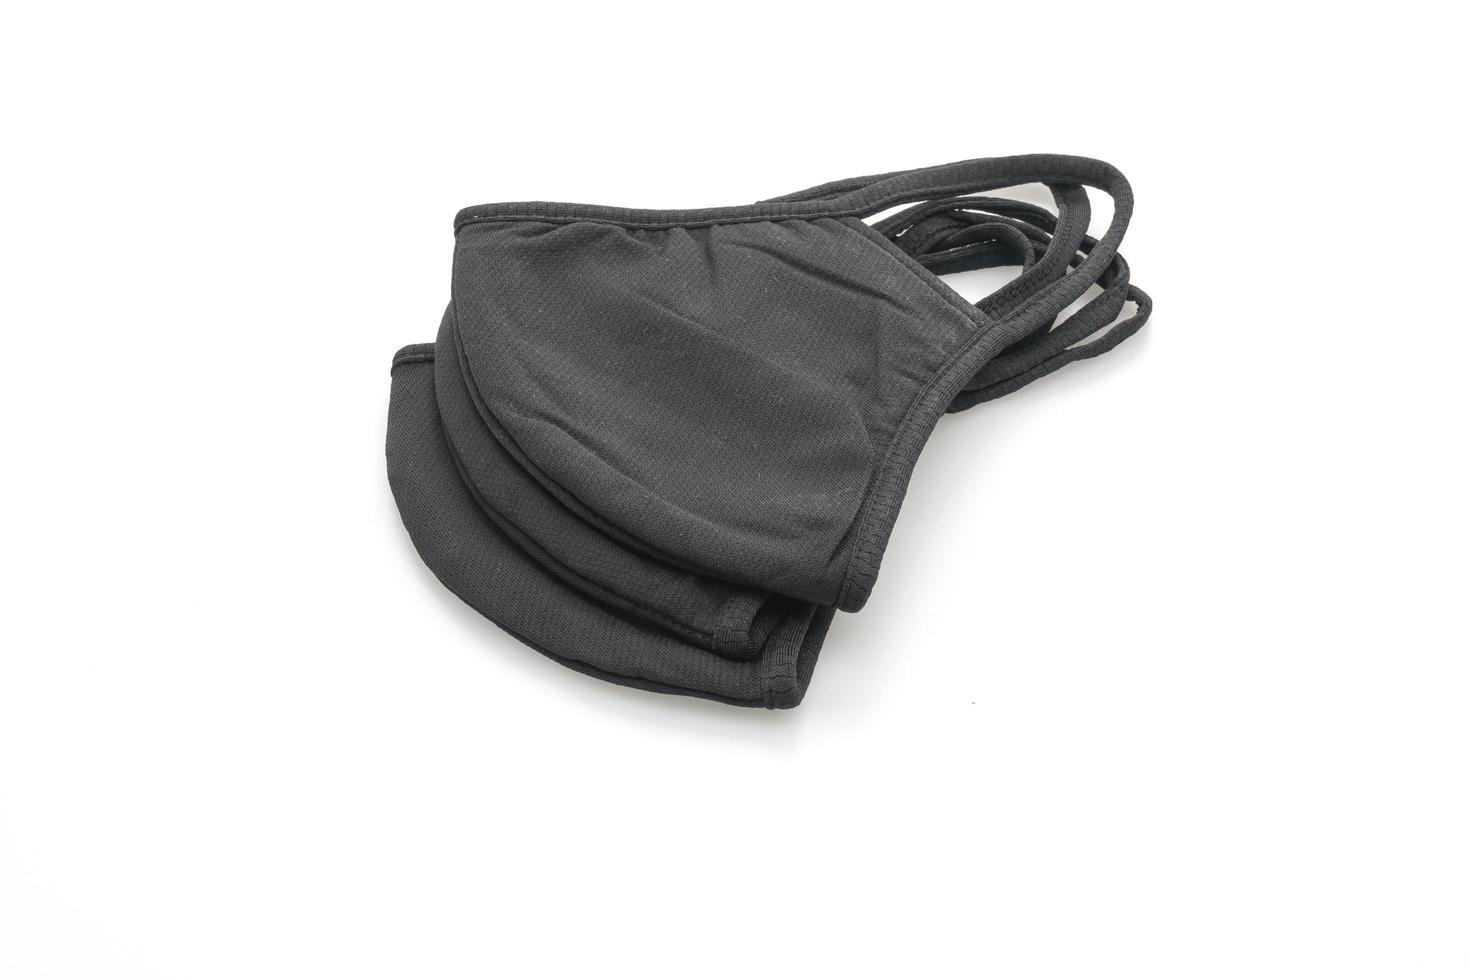 maschera in tessuto nero per proteggere covid-19 su sfondo bianco isolato foto